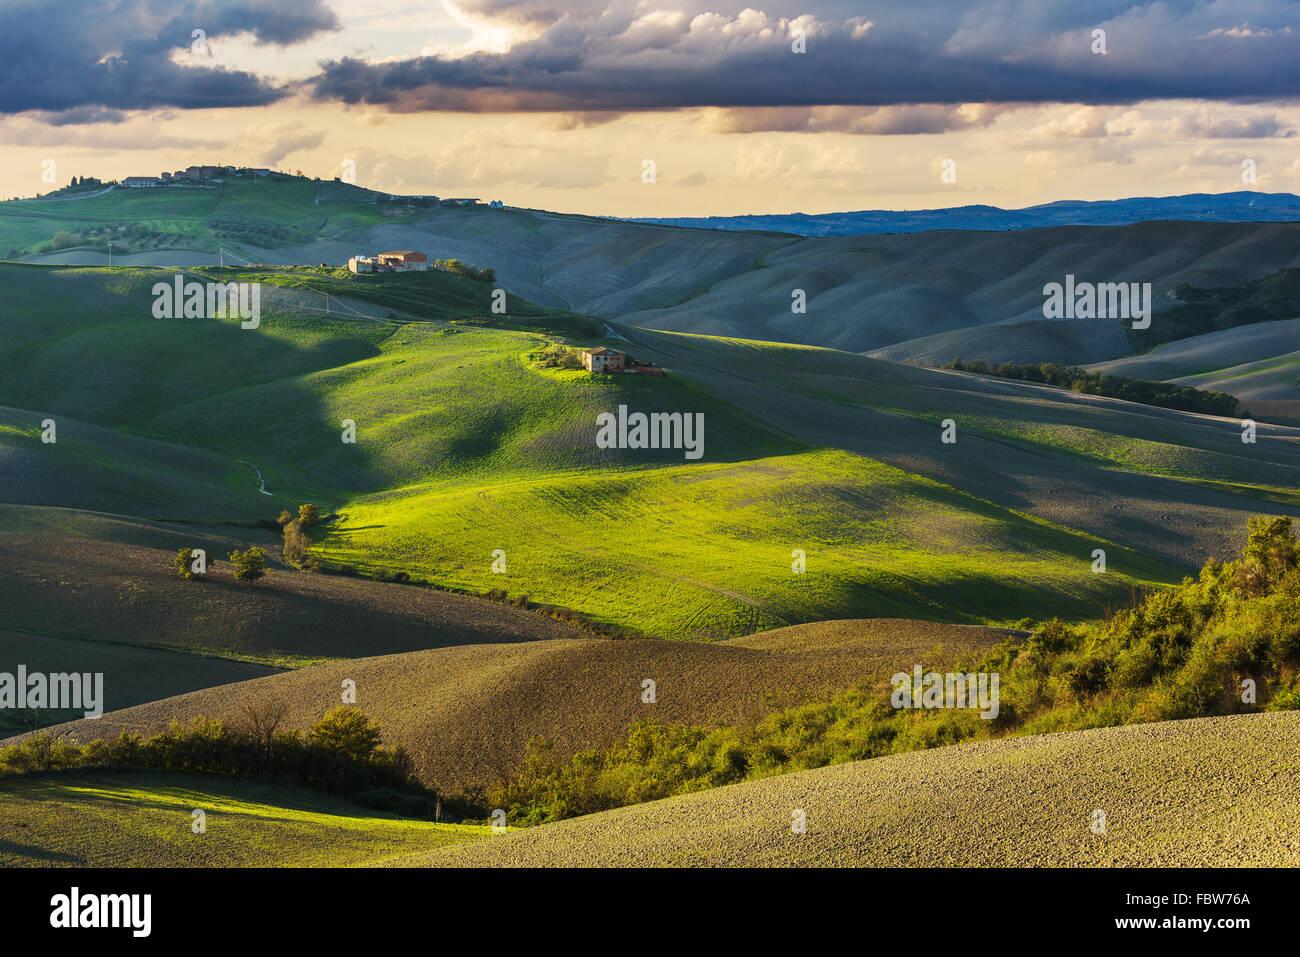 Champ d'automne ensoleillé fantastique en Italie, Toscane paysage. Photo Stock